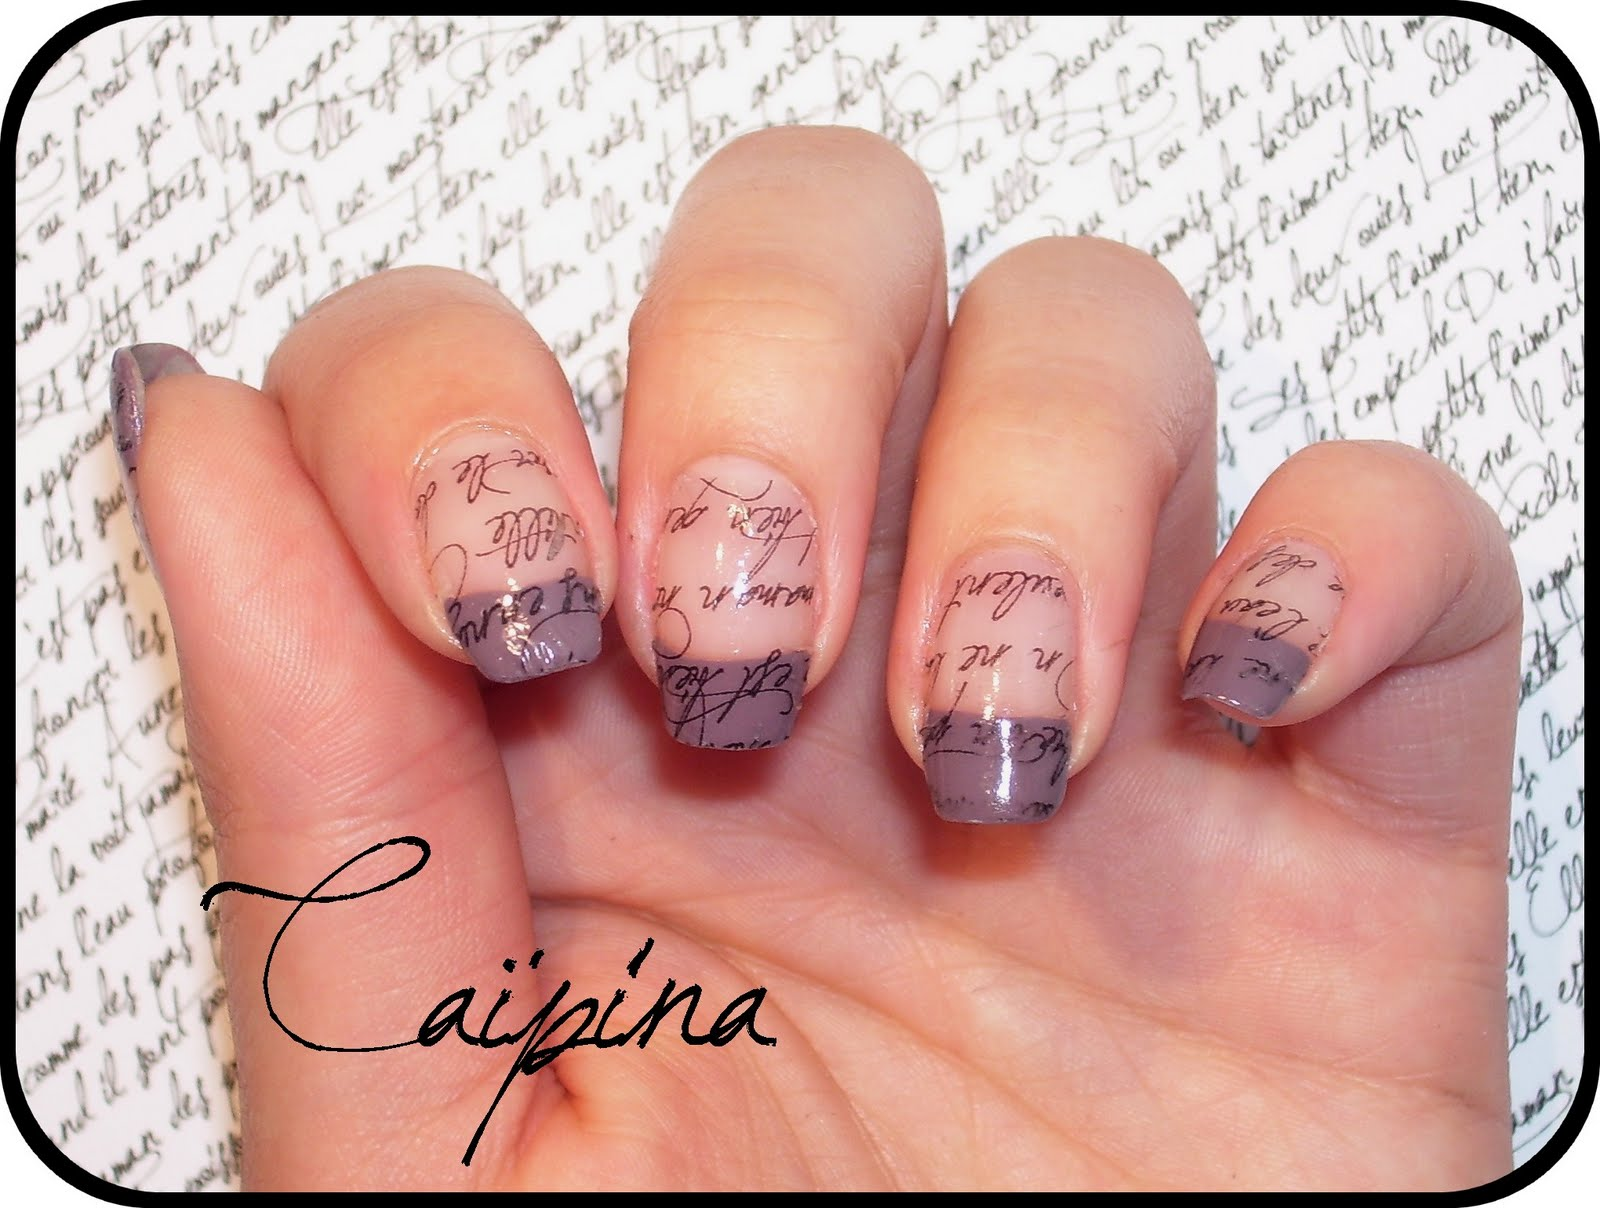 Les polices de tatouage comment trouver le lettrage de  - Dafont Tatouage Calligraphie